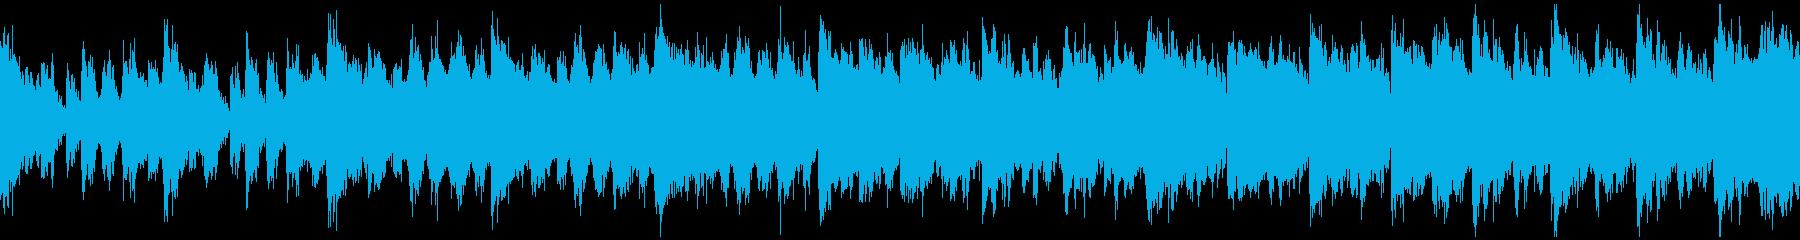 スチームパンク要塞のテーマ(ループ)の再生済みの波形